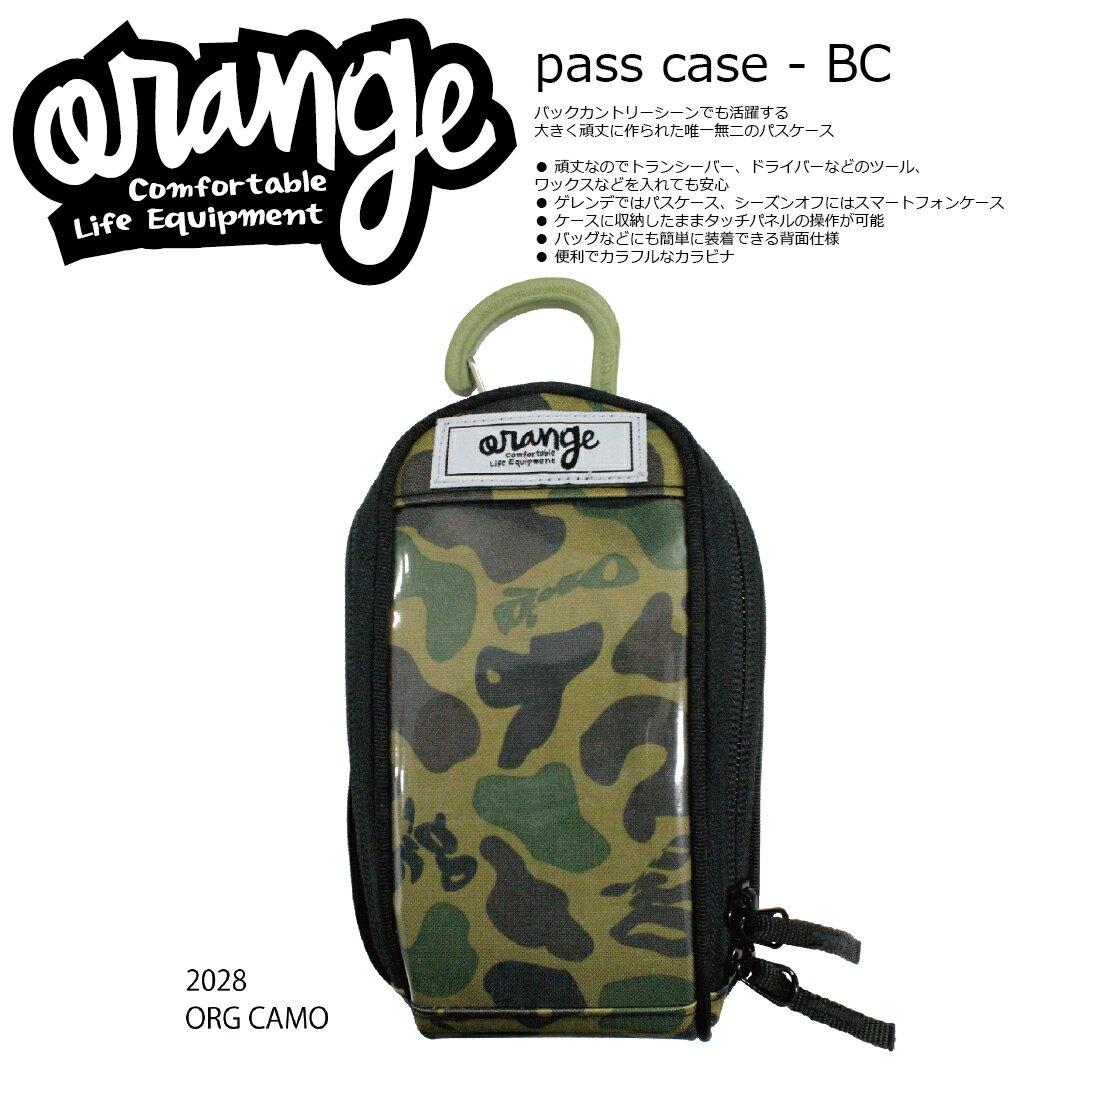 Oran'ge Pass-Case BC カラビナ付 2028 ORG CAMO オレンジ パスケース 縦タイプ ビーシー カーゴ 収納ポケット付 2017 2017-18